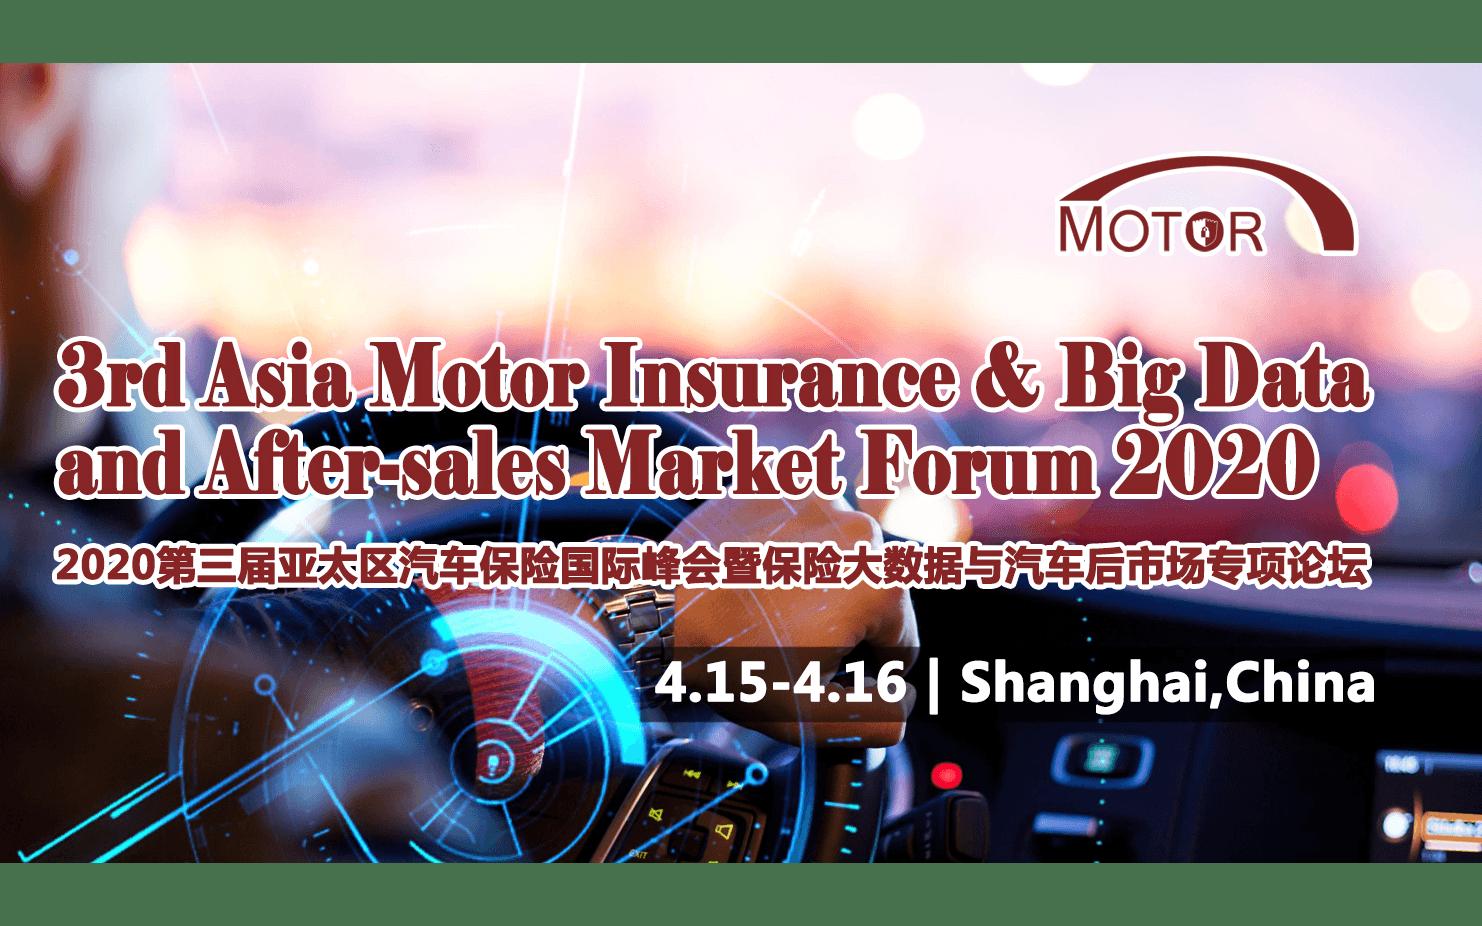 2020第三届亚太区汽车保险国际峰会暨保险大数据与汽车后市场专项论坛(上海)